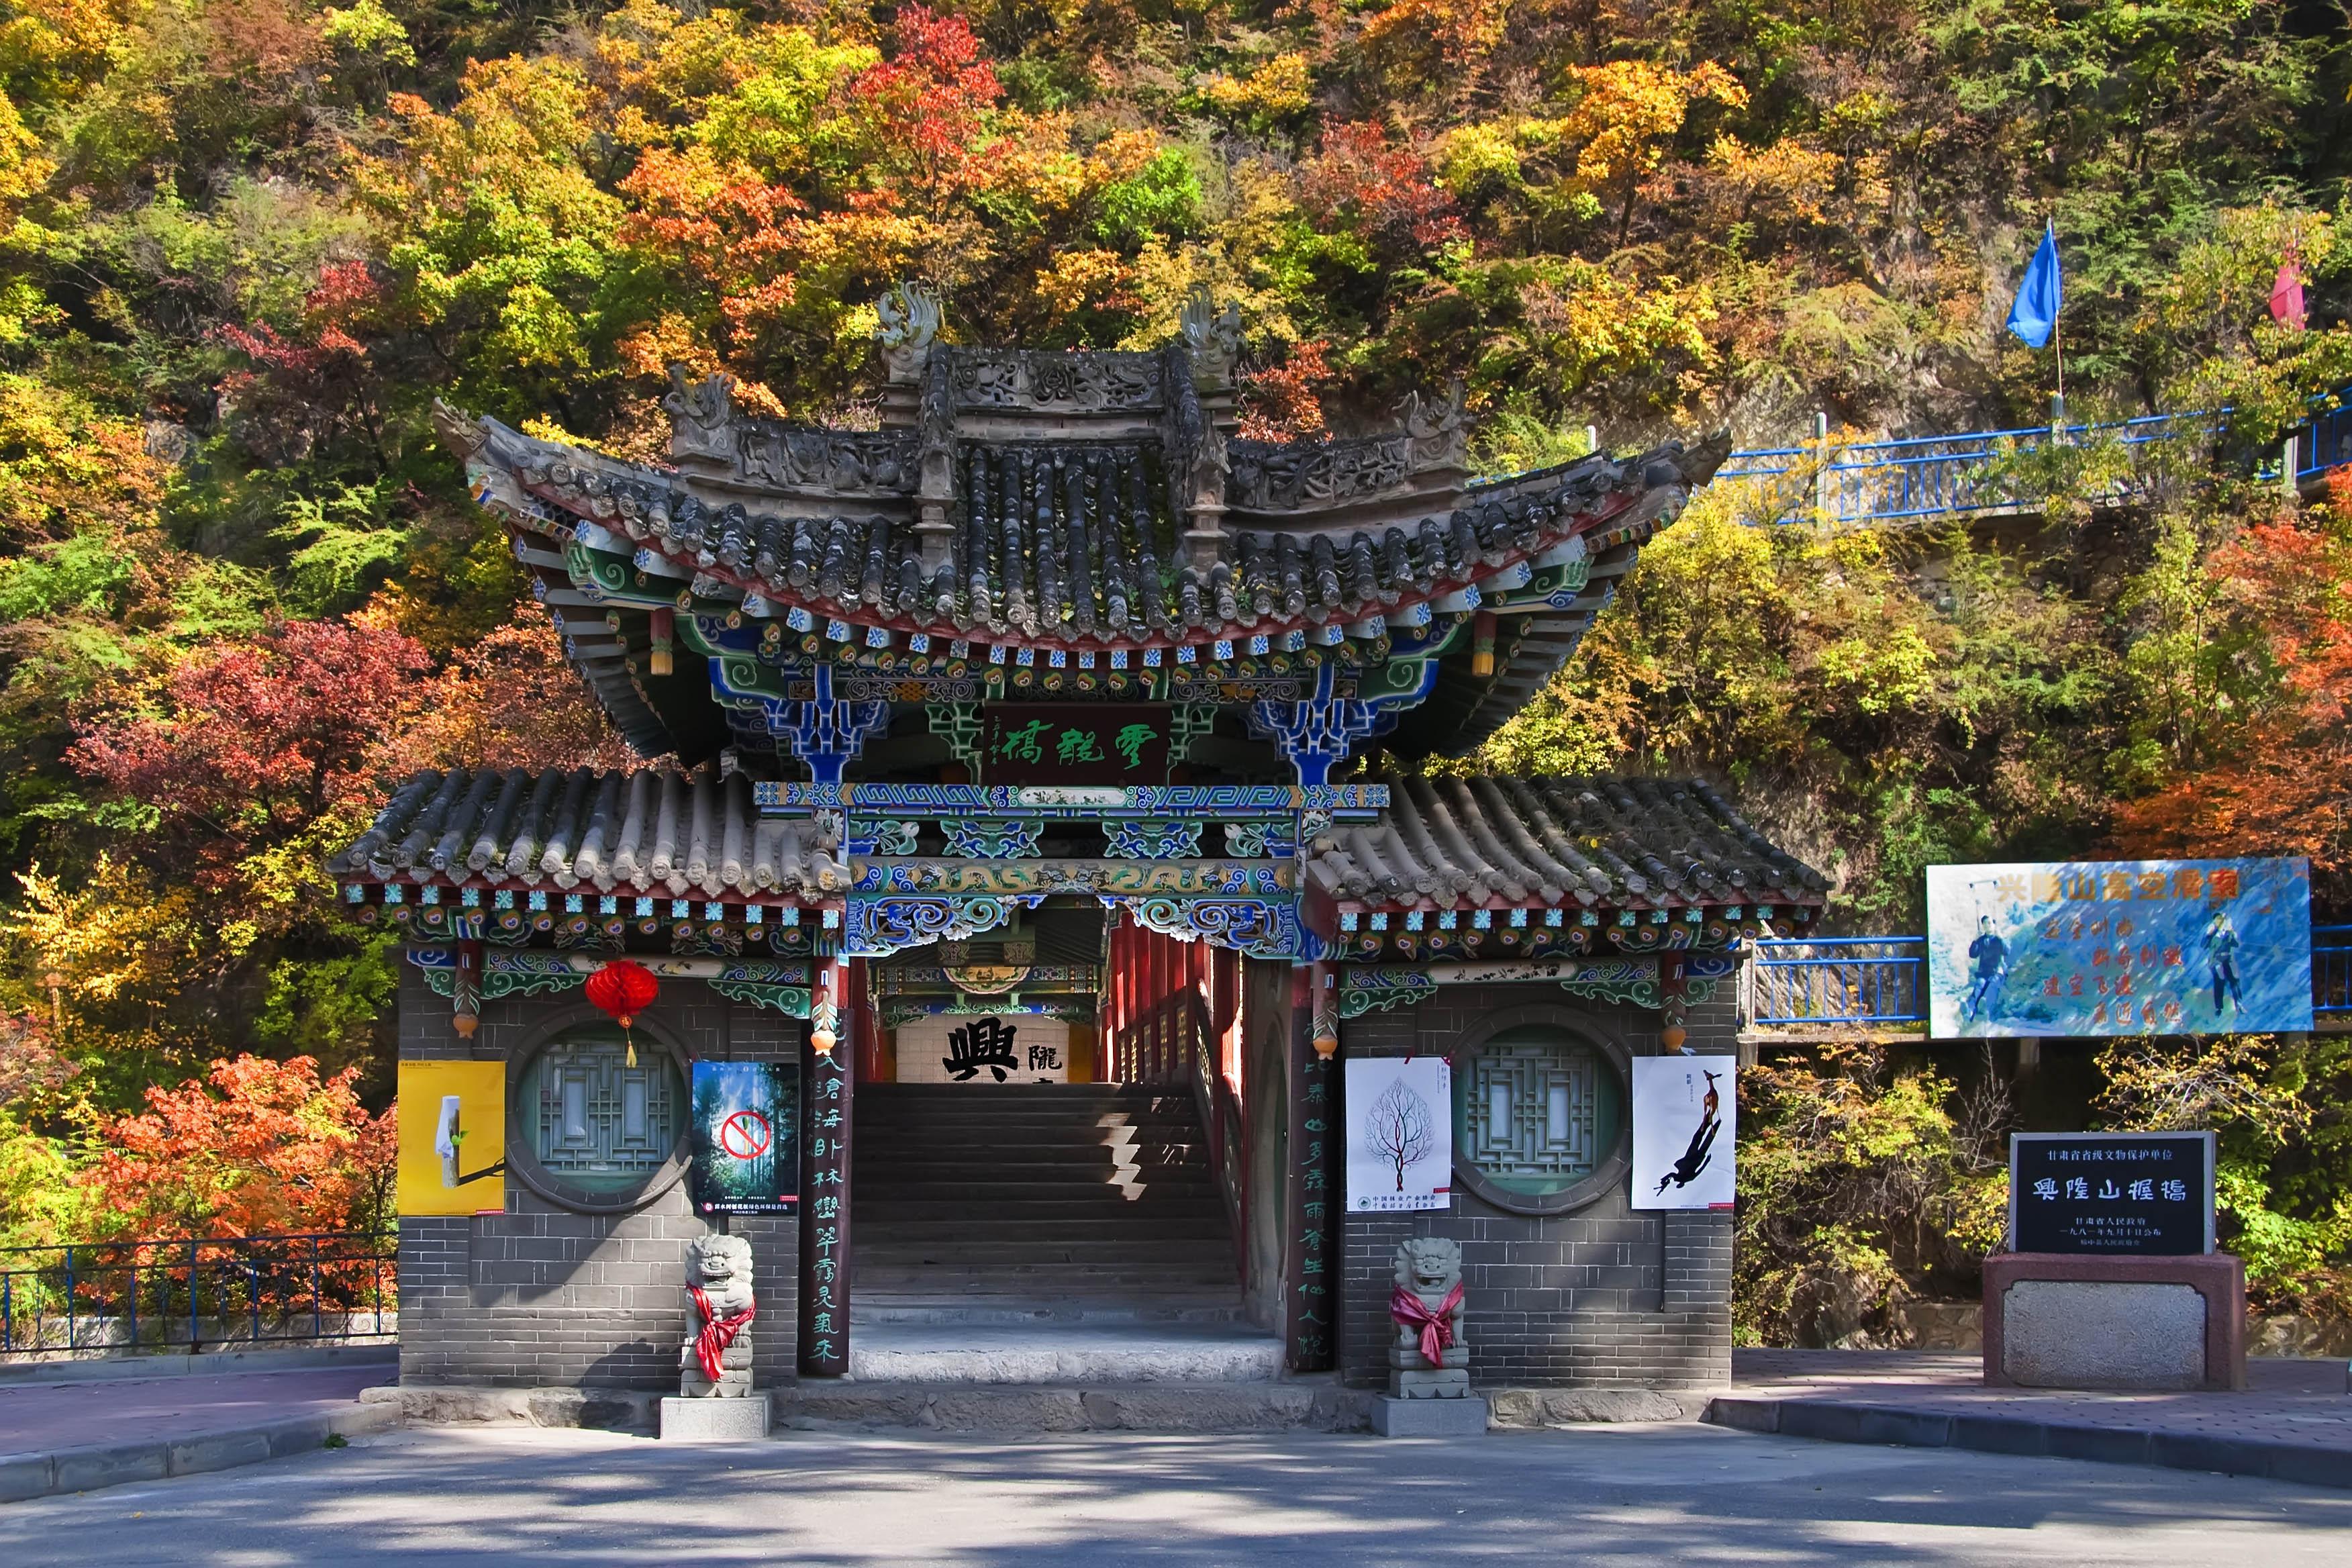 兴隆山云龙桥